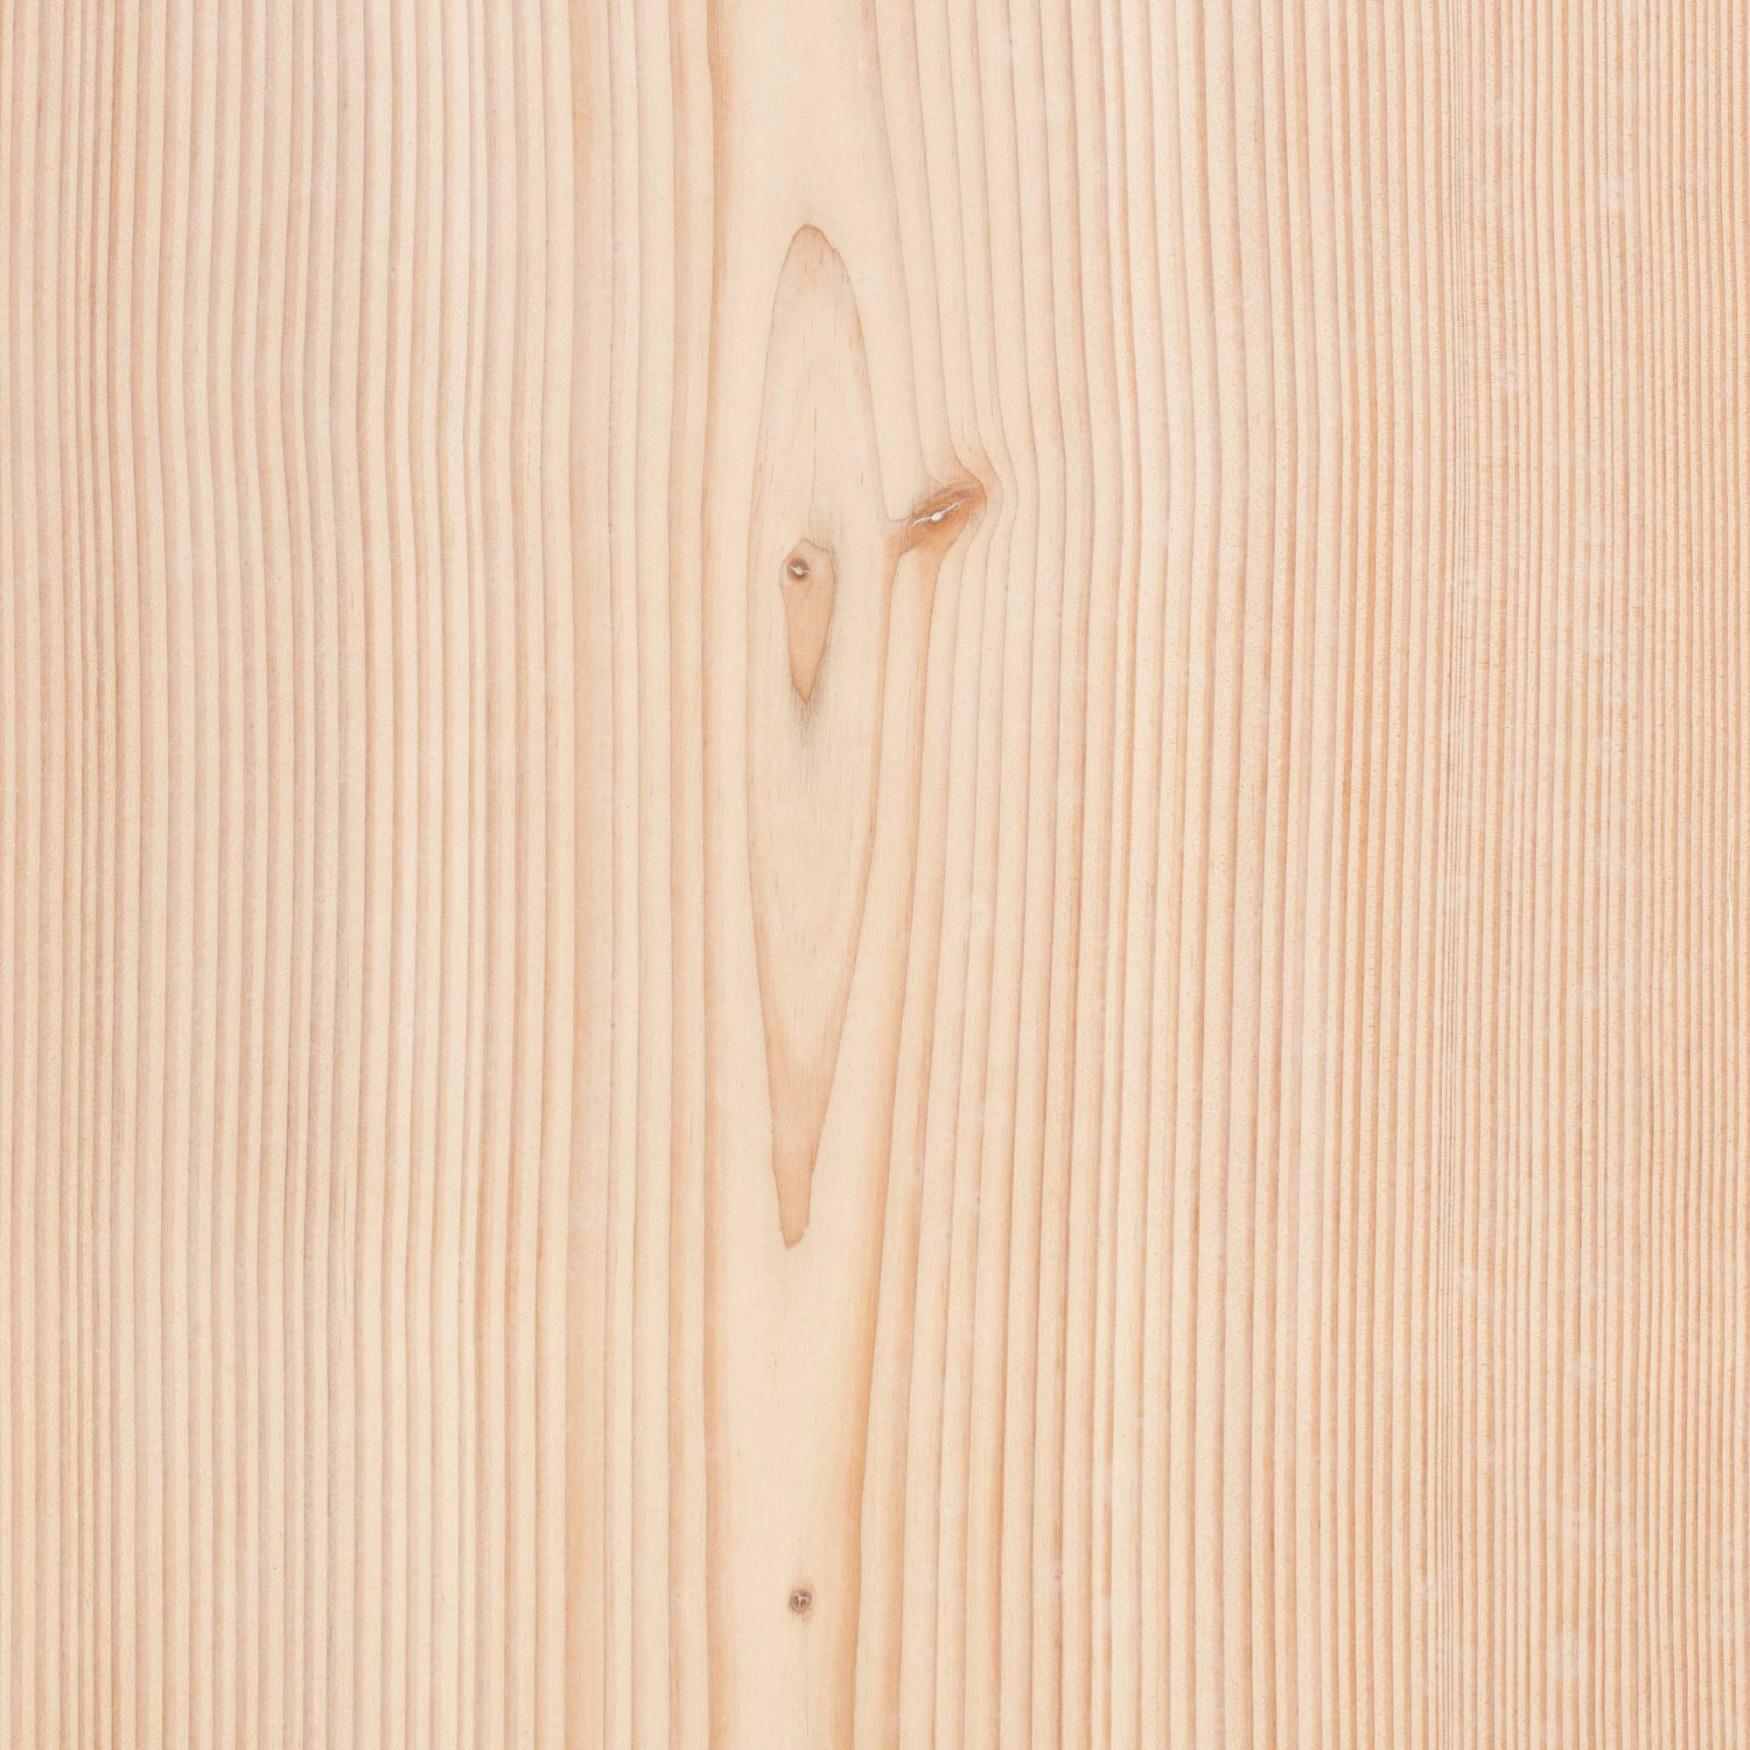 Element7-wide-plank-samples-MA-Douglas-Fir.2